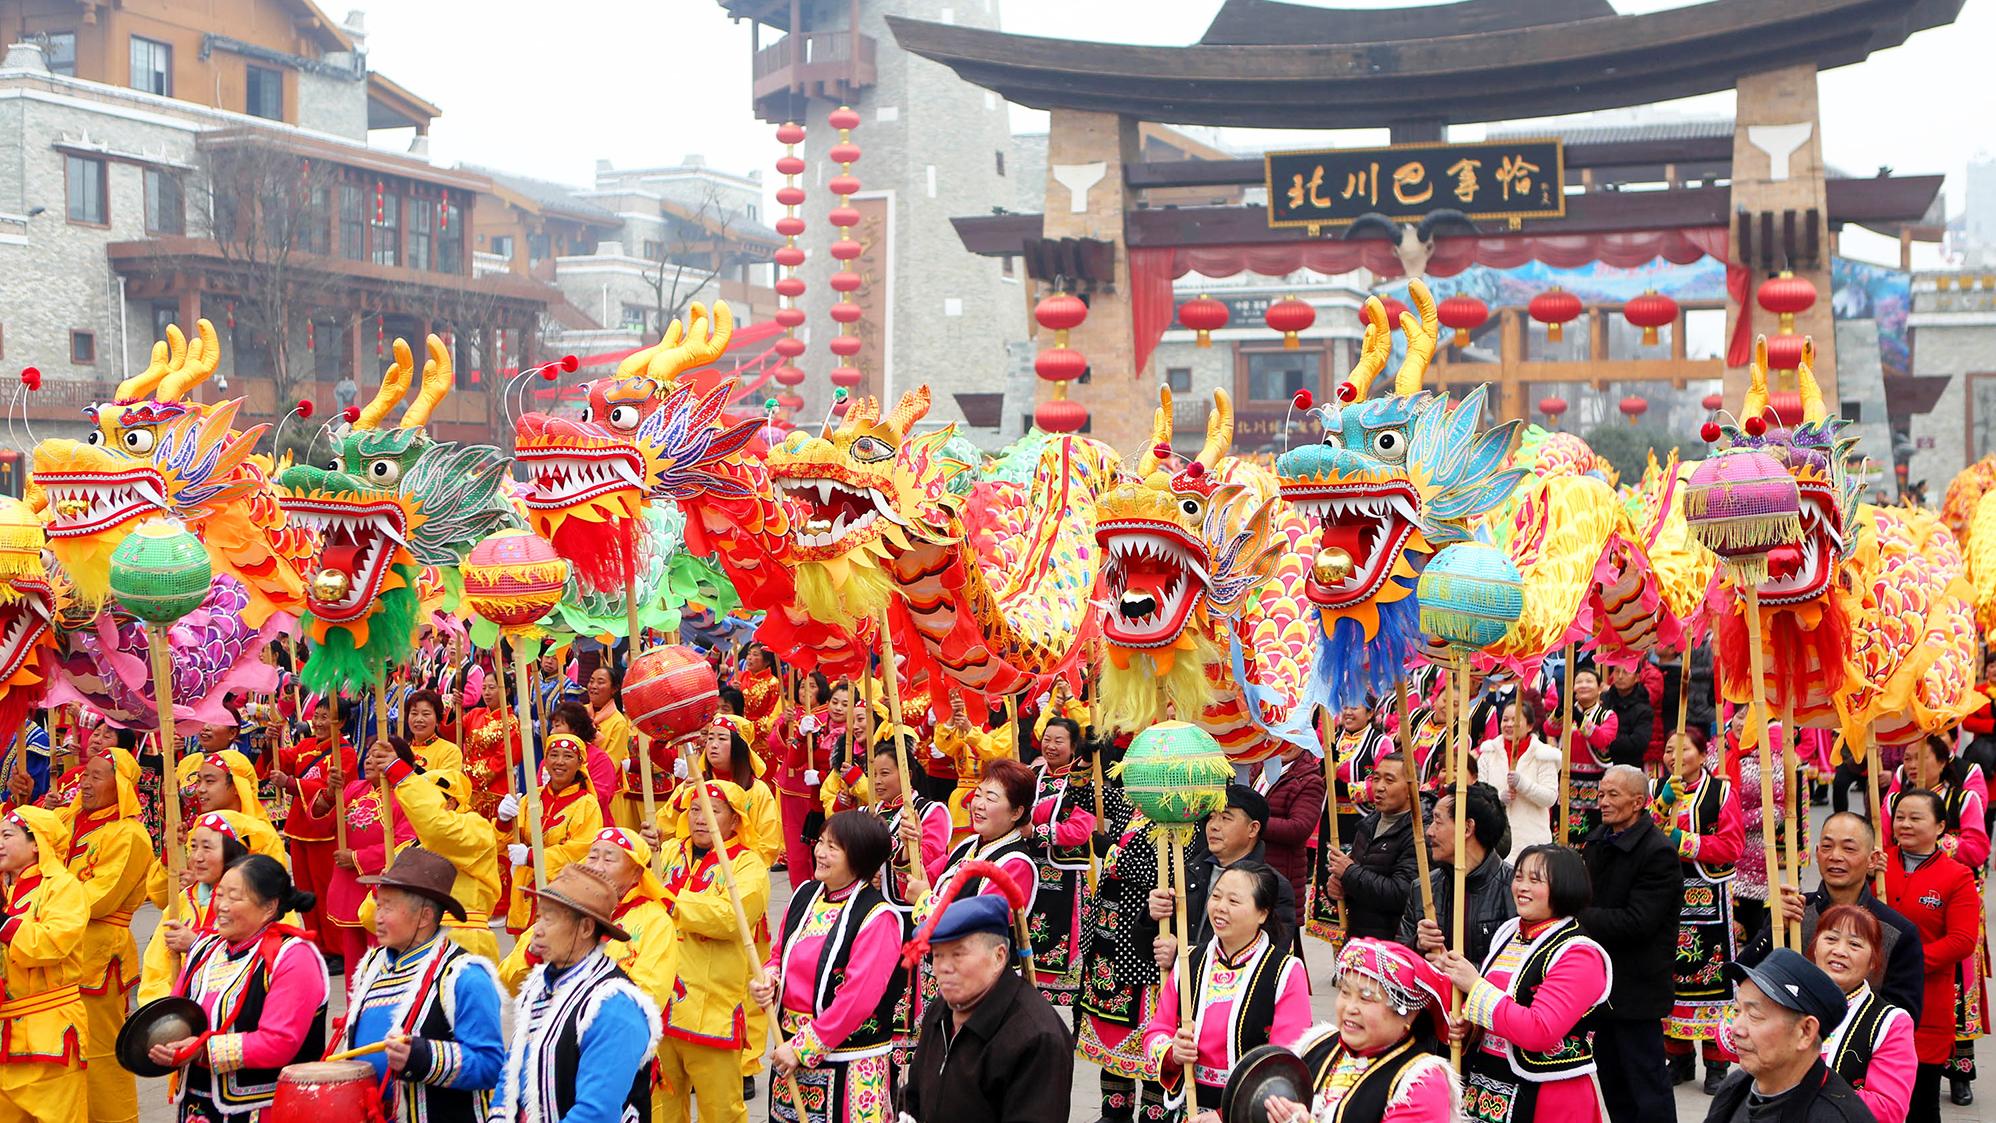 The Scene: Chinese New Year